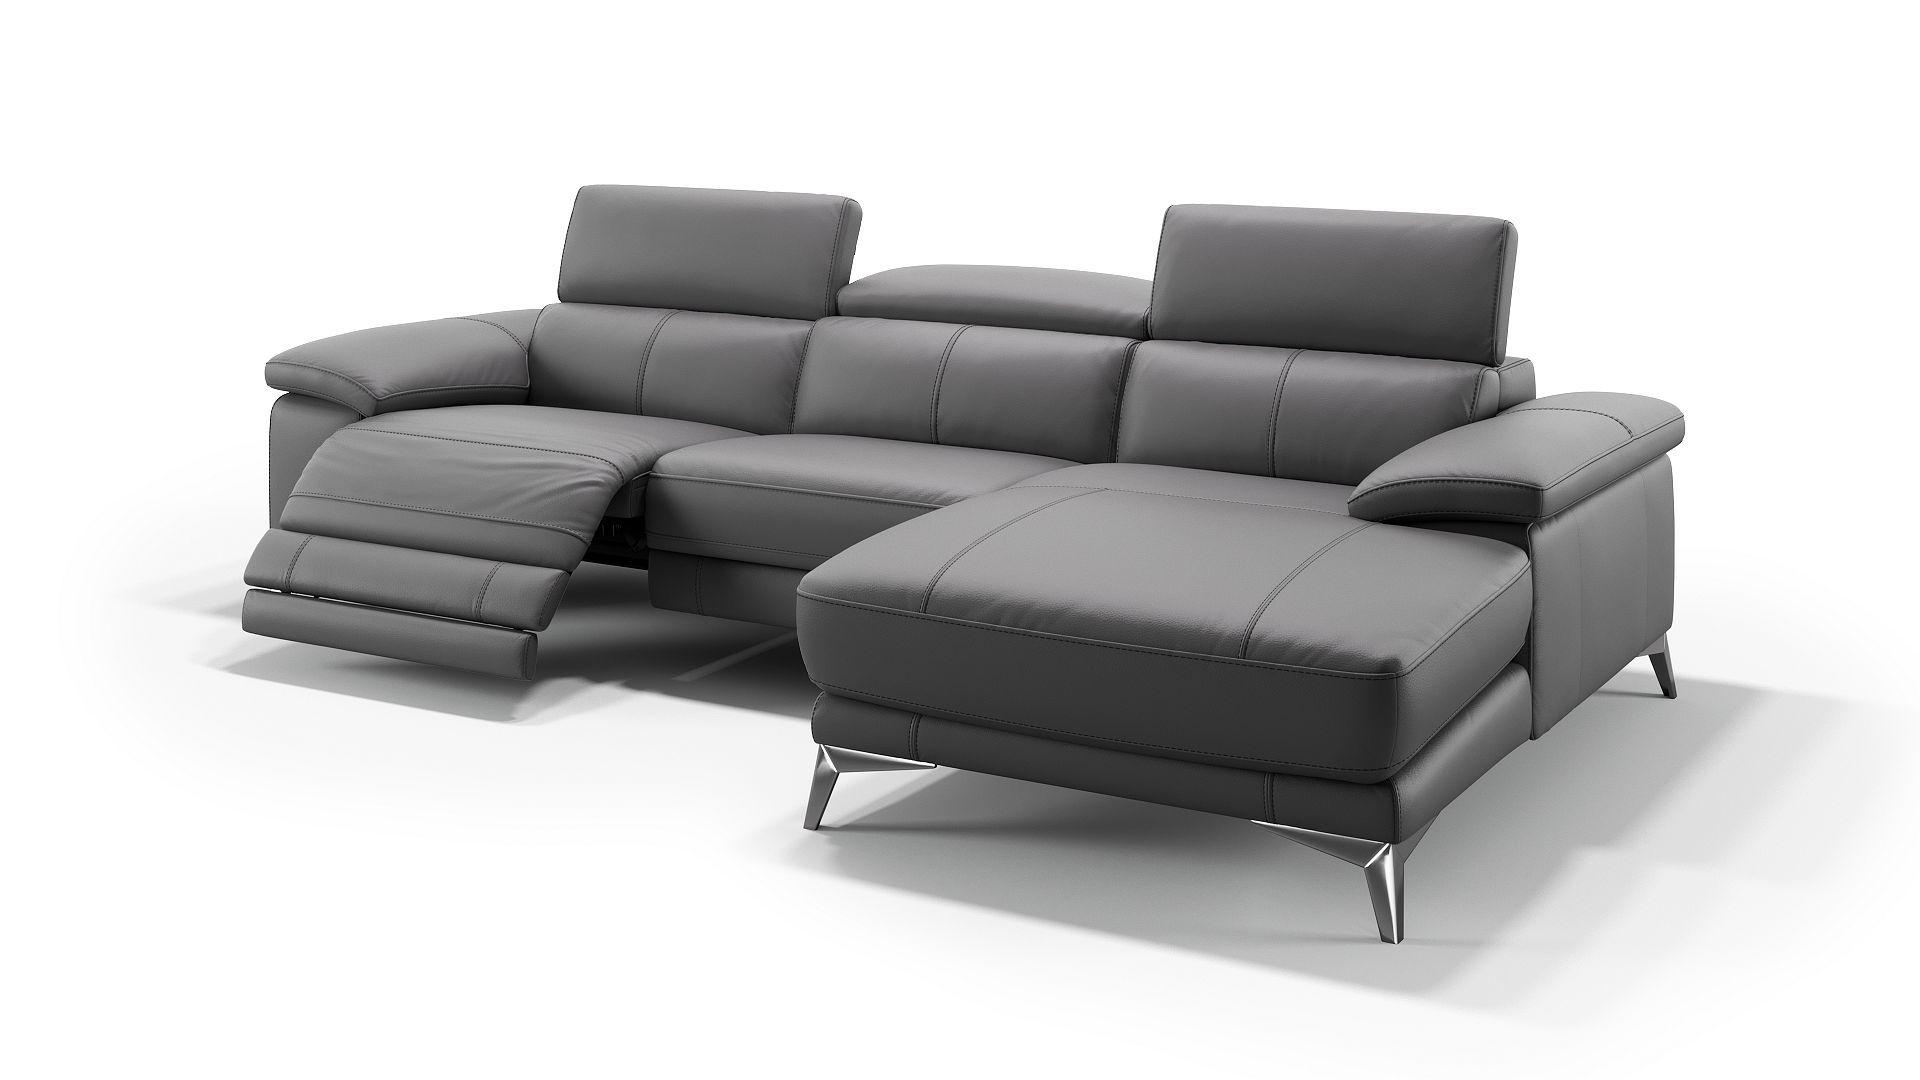 Eine Wohnlandschaft Aus Leder Schafft Einen Coolen Wohlfuhlfaktorn Wohnlandschaften Sind Mit Einer Extra Grosse Moderne Couch Sofa Mit Relaxfunktion Couch Mobel